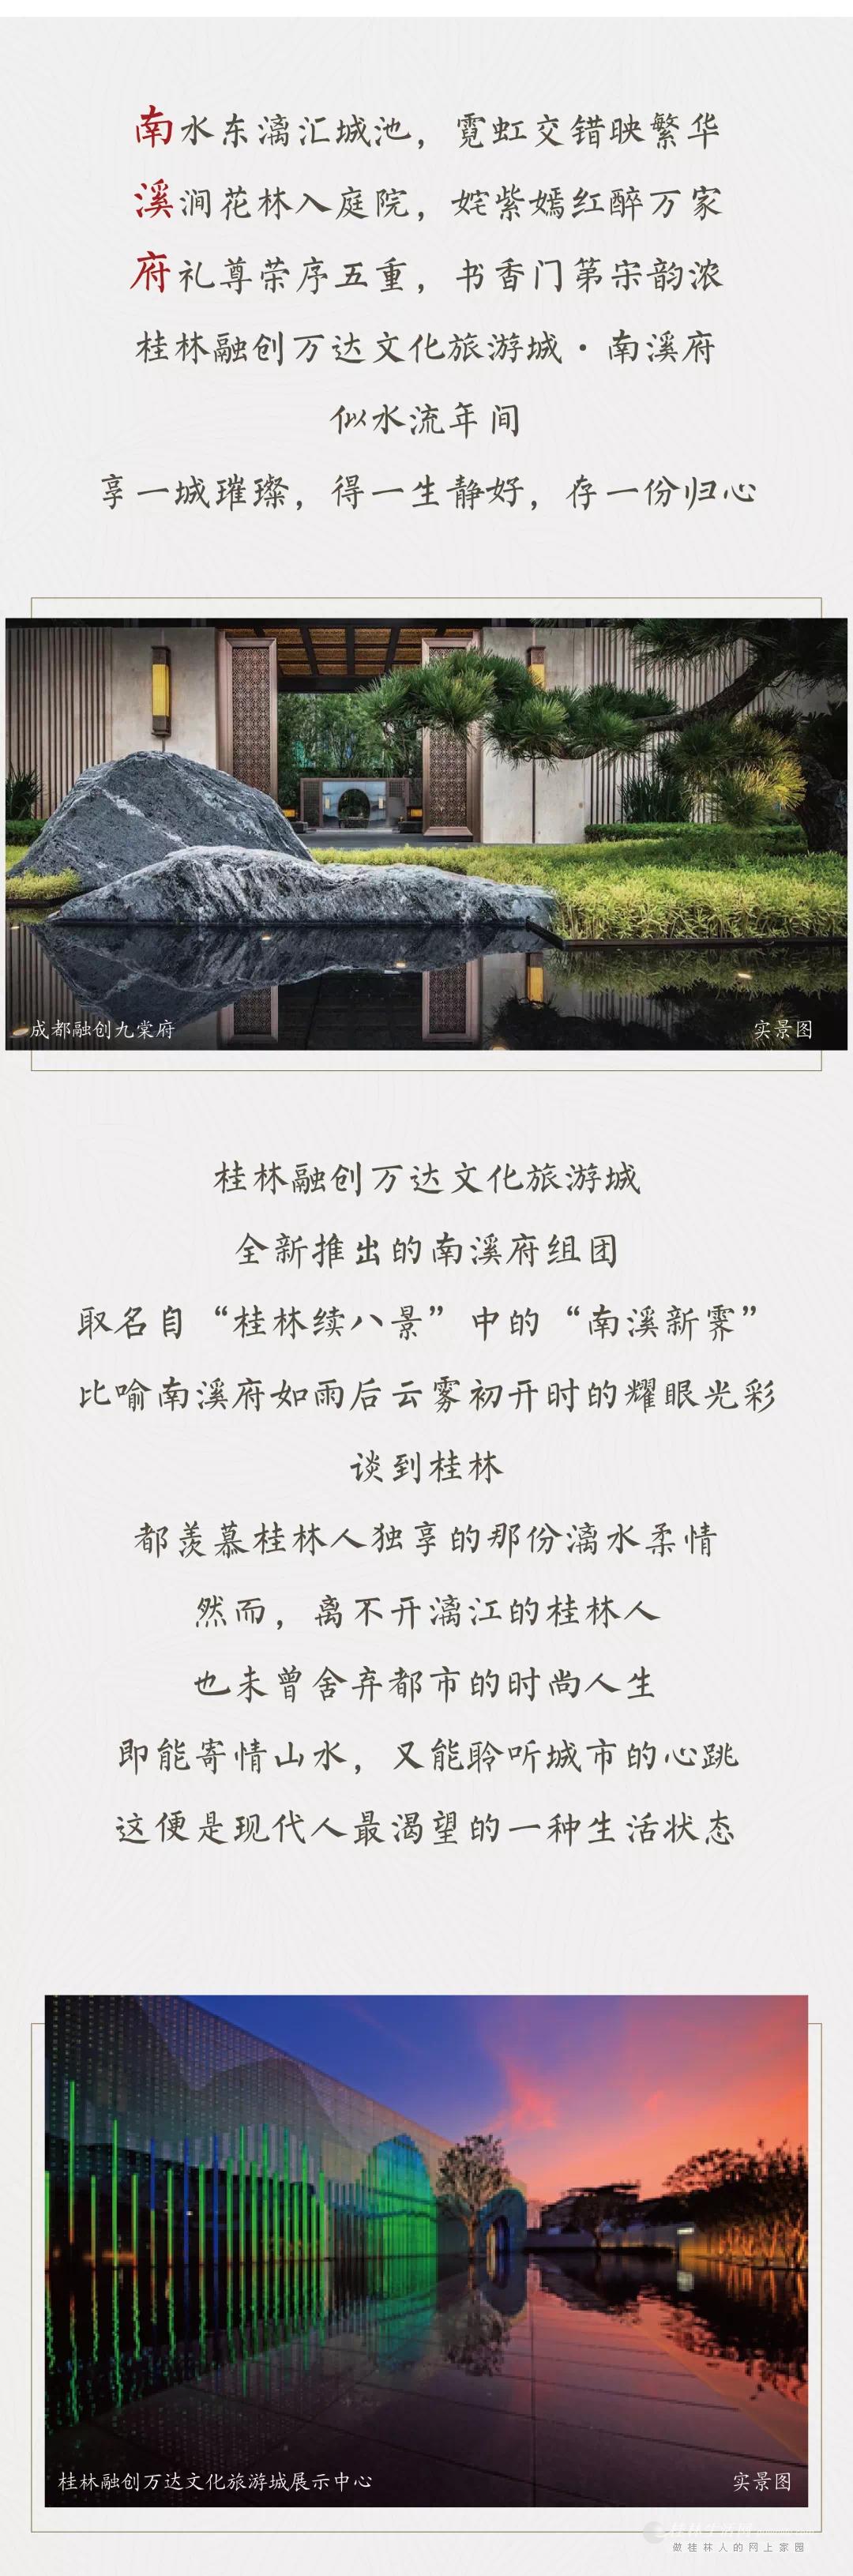 南溪府|全新组团面市,繁华静地首见不凡